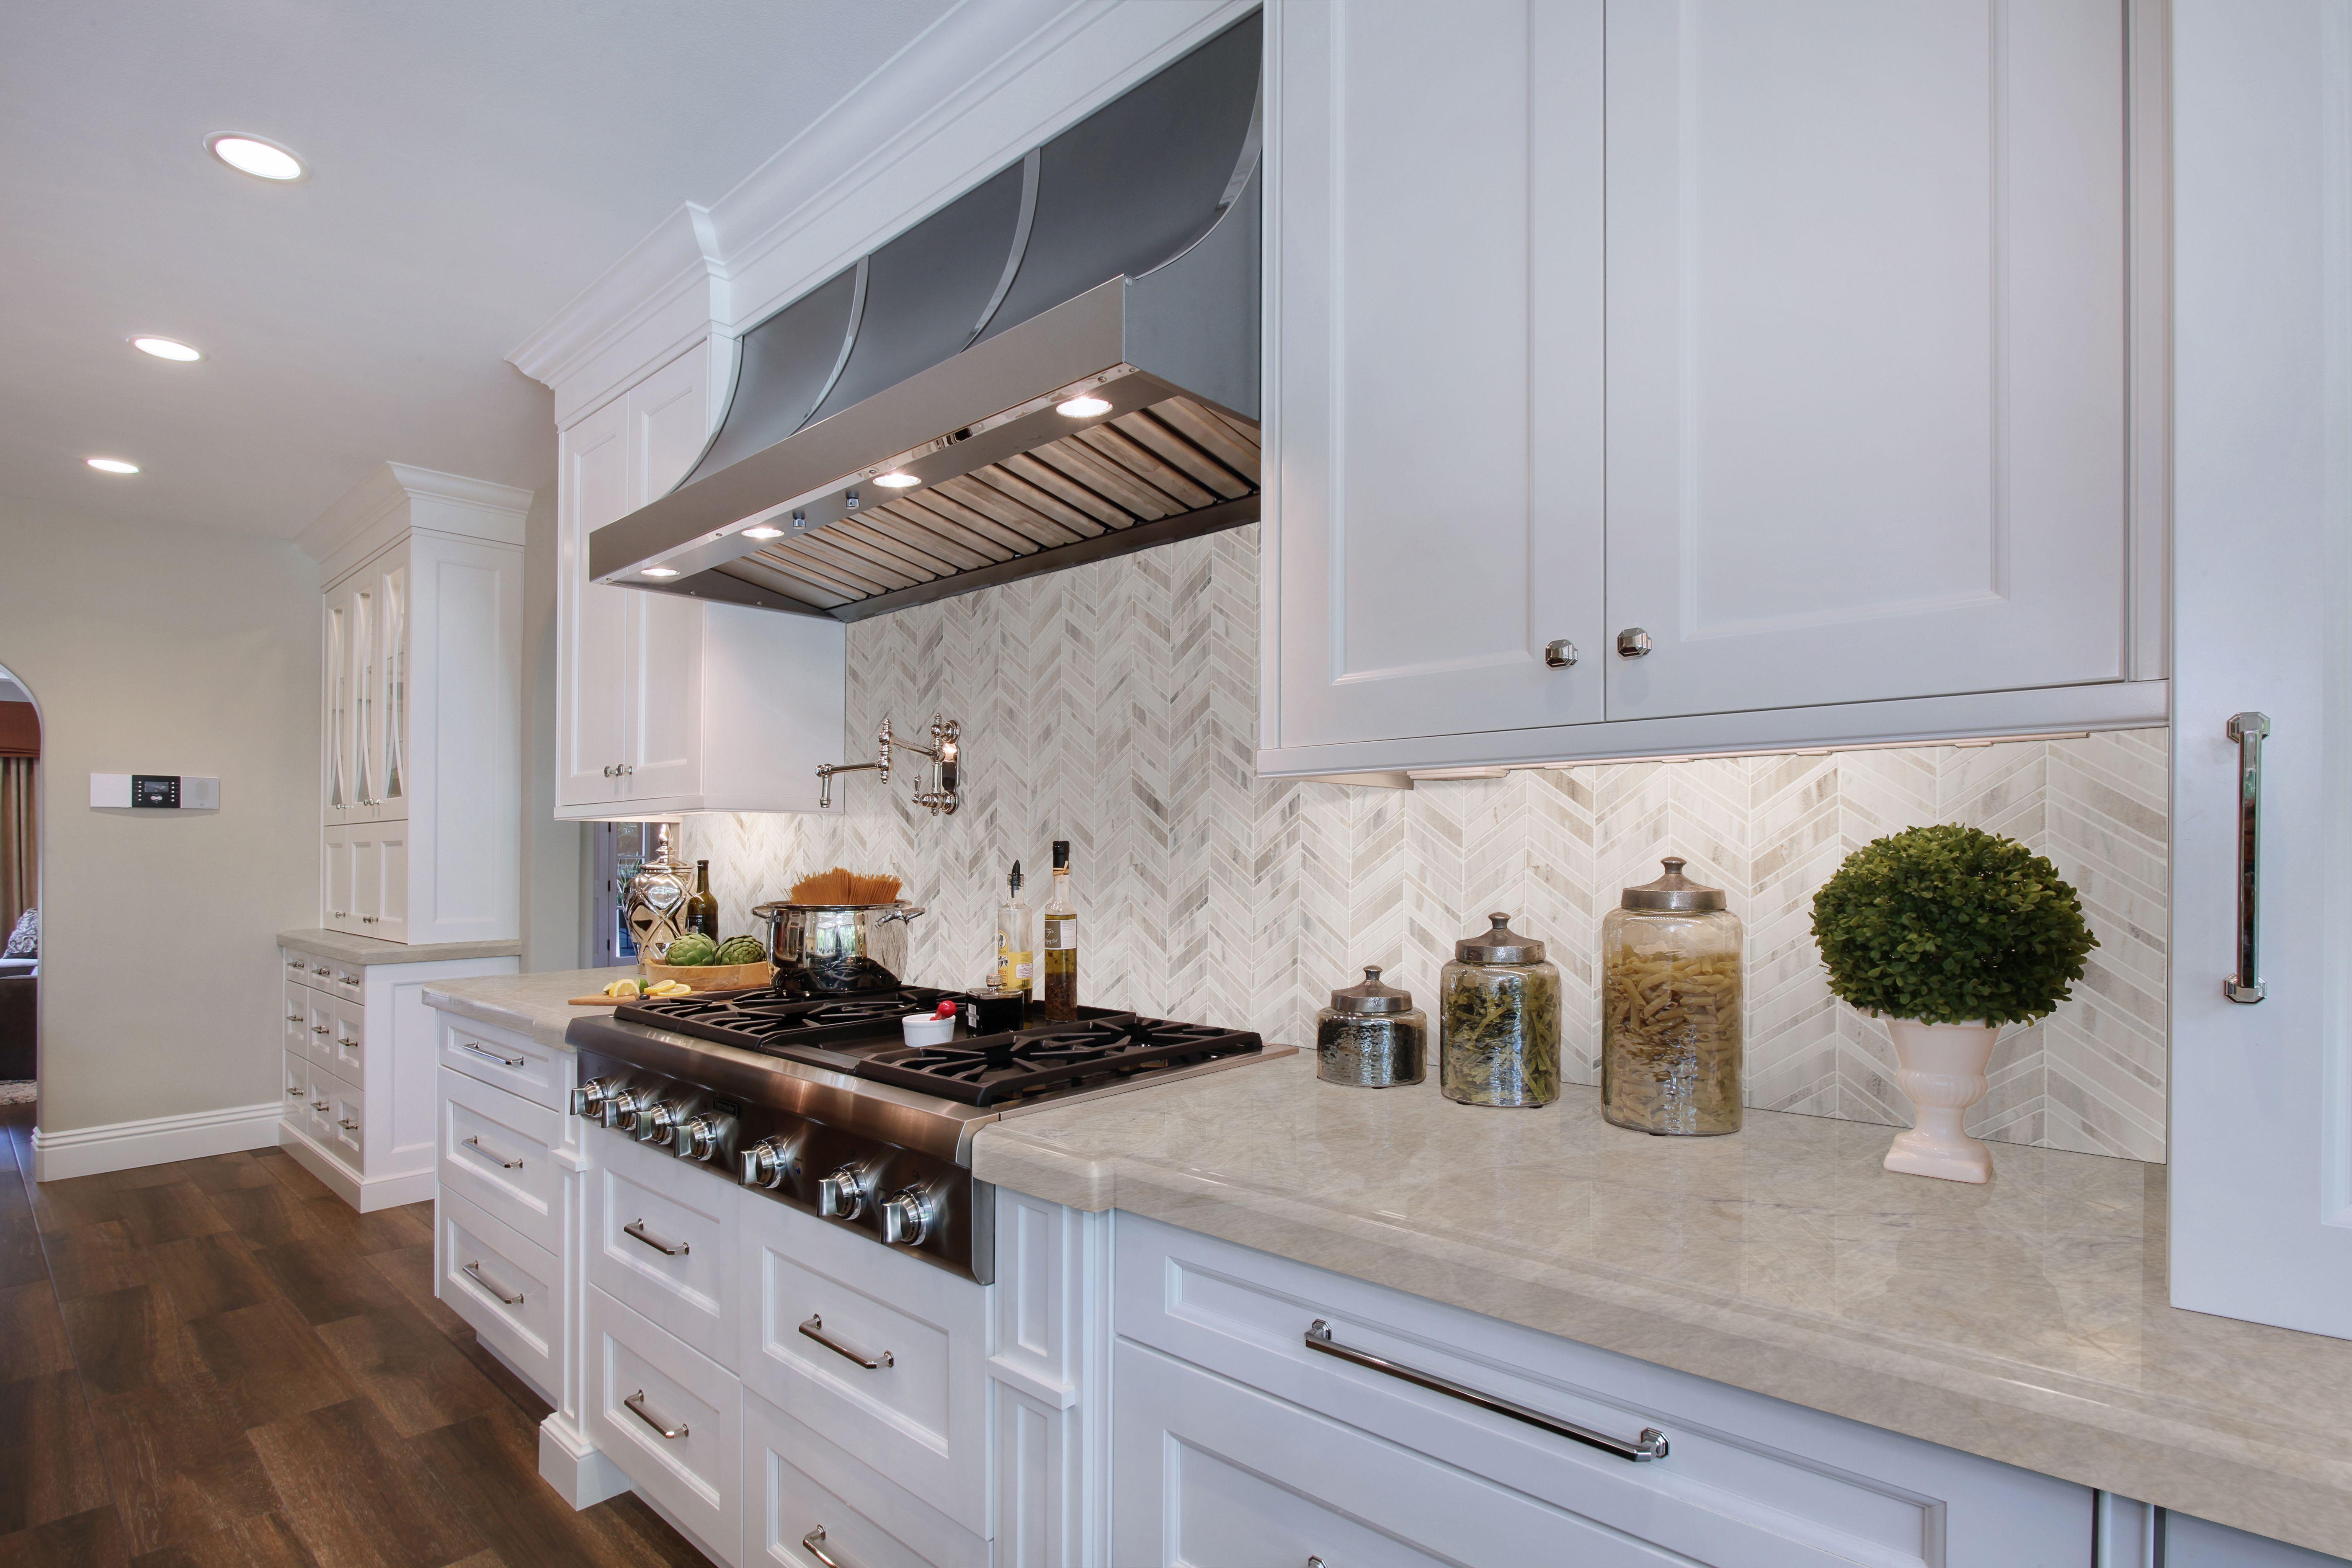 - Beautiful Angora Herringbone Mosaic Backsplash Brings The Coast